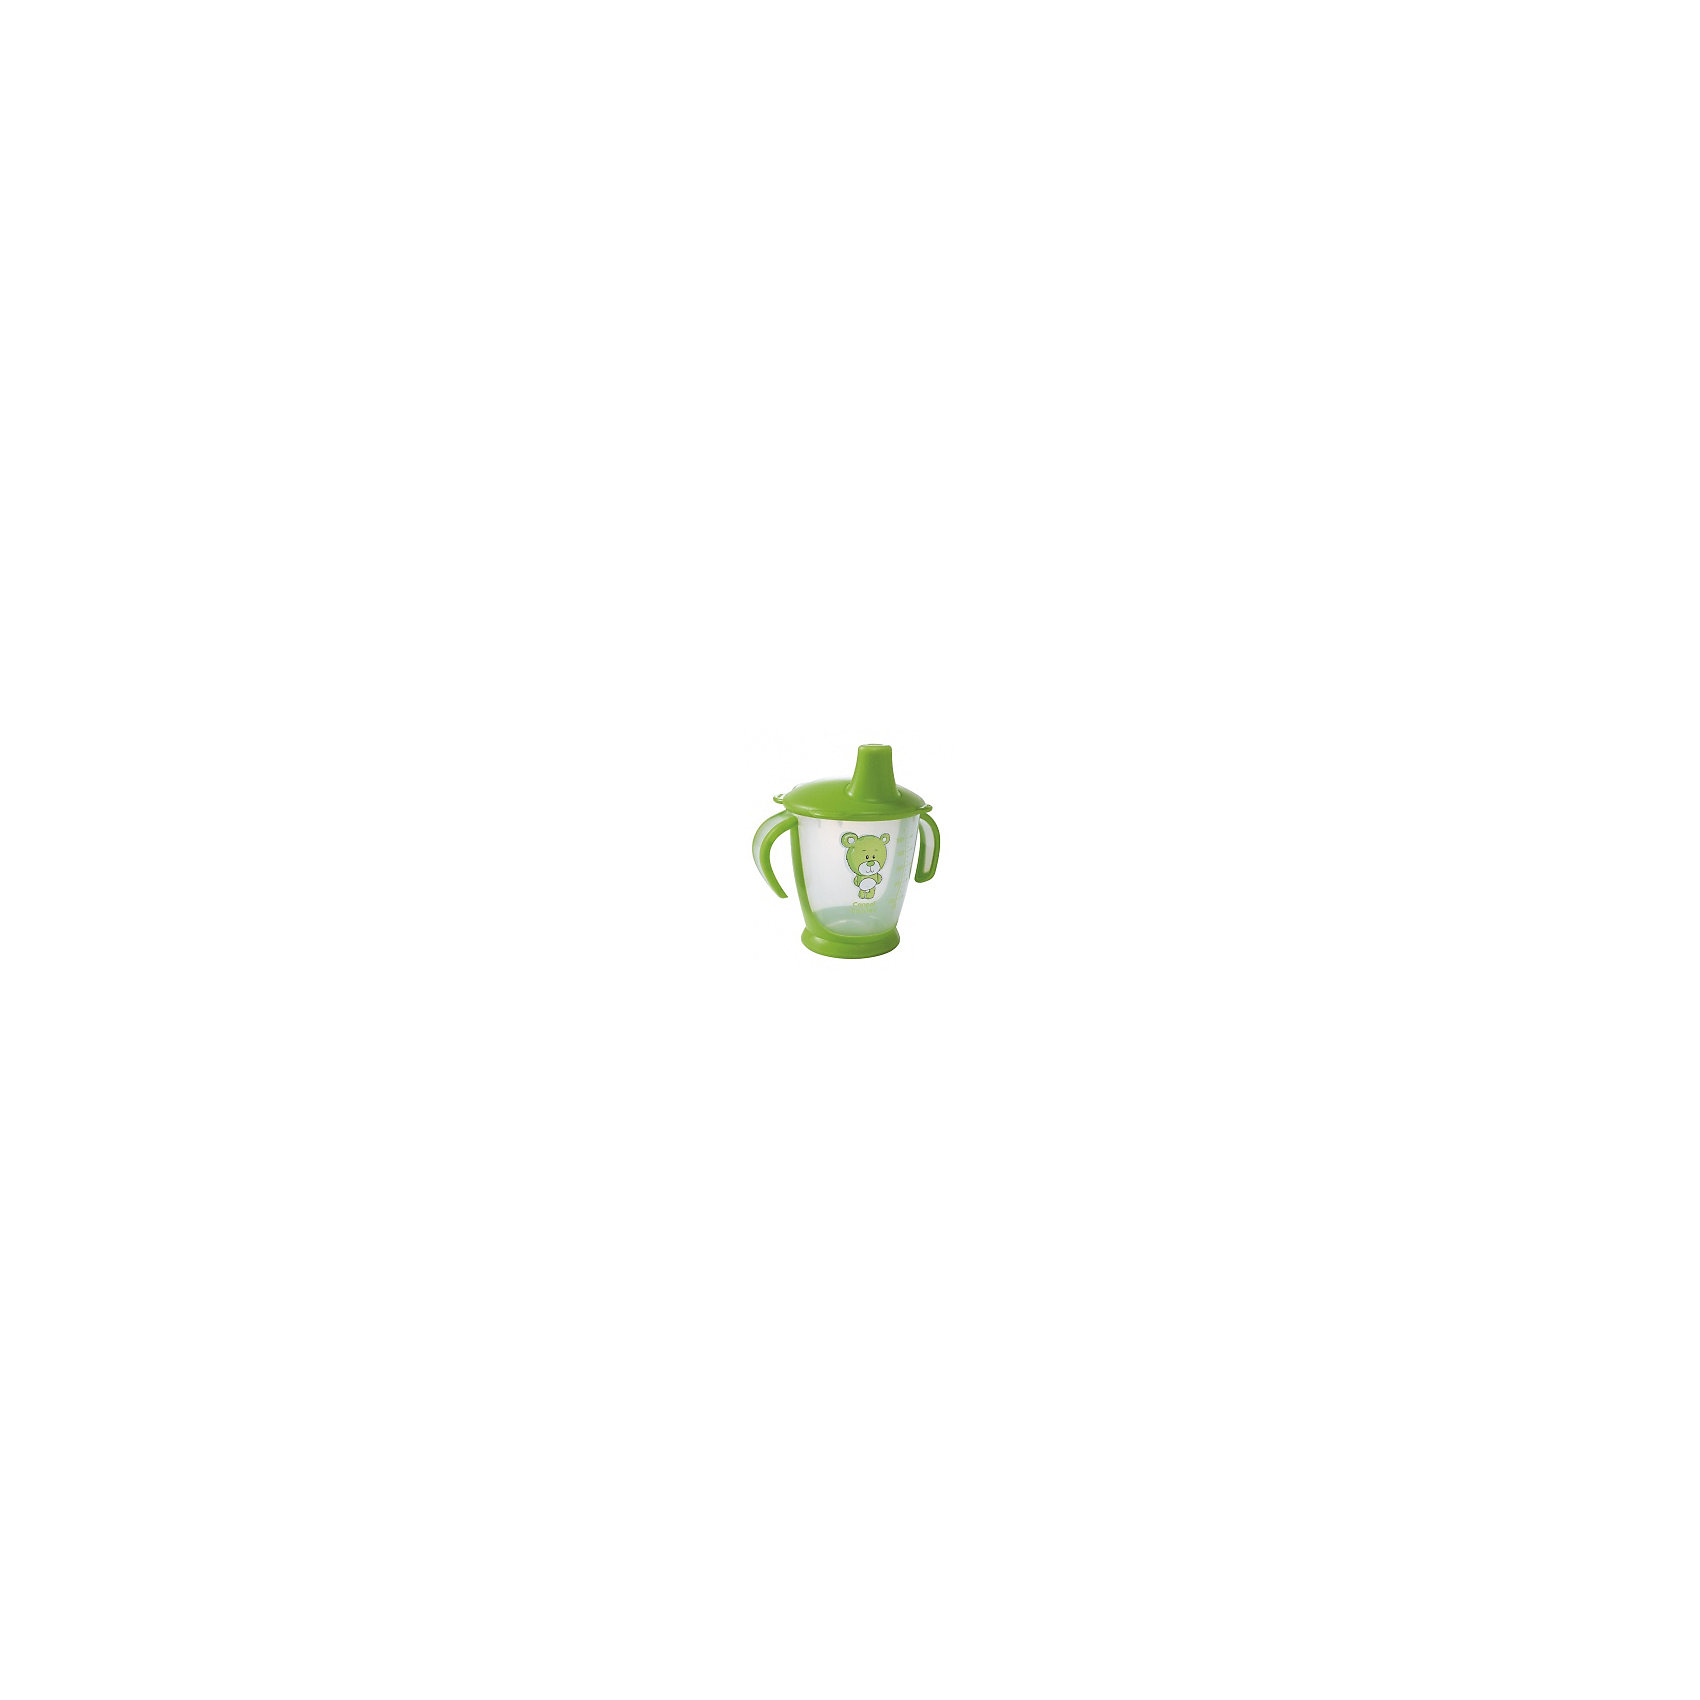 Поильник-непроливайка Медвежонок, 250 мл., Canpol Babies, зеленыйПоильники<br>Поильник-непроливайка Медвежонок от Canpol (Канпол) в ассортименте идеально подойдет для малышей, которые учатся пить из чашки. Удобные фигурные ручки позволяют ребенку легко держать поильник. Герметичная крышка оснащена специальным мягким носиком для питья, который не раздражает десны малыша и помогает ему комфортно перейти от кормления из бутылочки к питью из чашки.<br><br>Специальные клапаны предотвращают проливание жидкости, если поильник упадет или перевернется. Нескользящее дно обеспечивает поильнику устойчивое положение. Когда ребенок подрастет крышку можно снять и использовать поильник как обычную чашку. Поильник имеет яркий привлекательный для ребенка дизайн и украшен забавным рисунком медвежонка, имеется шкала с делениями, показывающая объем налитой жидкости.<br><br>Дополнительная информация:<br><br>- Материал: полипропилен.<br>- Объем: 250 мл.<br>- Размер упаковки: 15 х 11 х 9 см.<br>- Вес: 71 гр.<br><br>Поильник-непроливайку Медвежонок, Canpol (Канпол) можно купить в нашем интернет-магазине.<br><br>Ширина мм: 150<br>Глубина мм: 114<br>Высота мм: 90<br>Вес г: 88<br>Цвет: зеленый<br>Возраст от месяцев: 9<br>Возраст до месяцев: 36<br>Пол: Унисекс<br>Возраст: Детский<br>SKU: 4340052